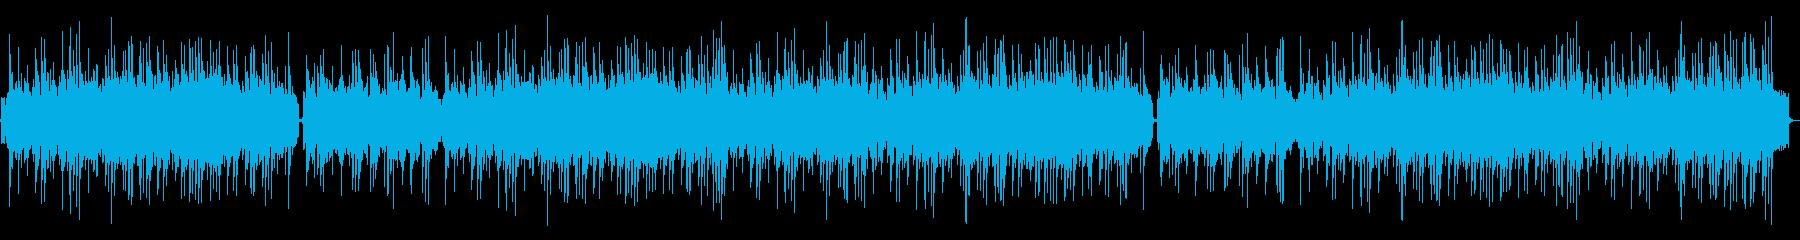 マンドリン、ブラシ、アコースティッ...の再生済みの波形